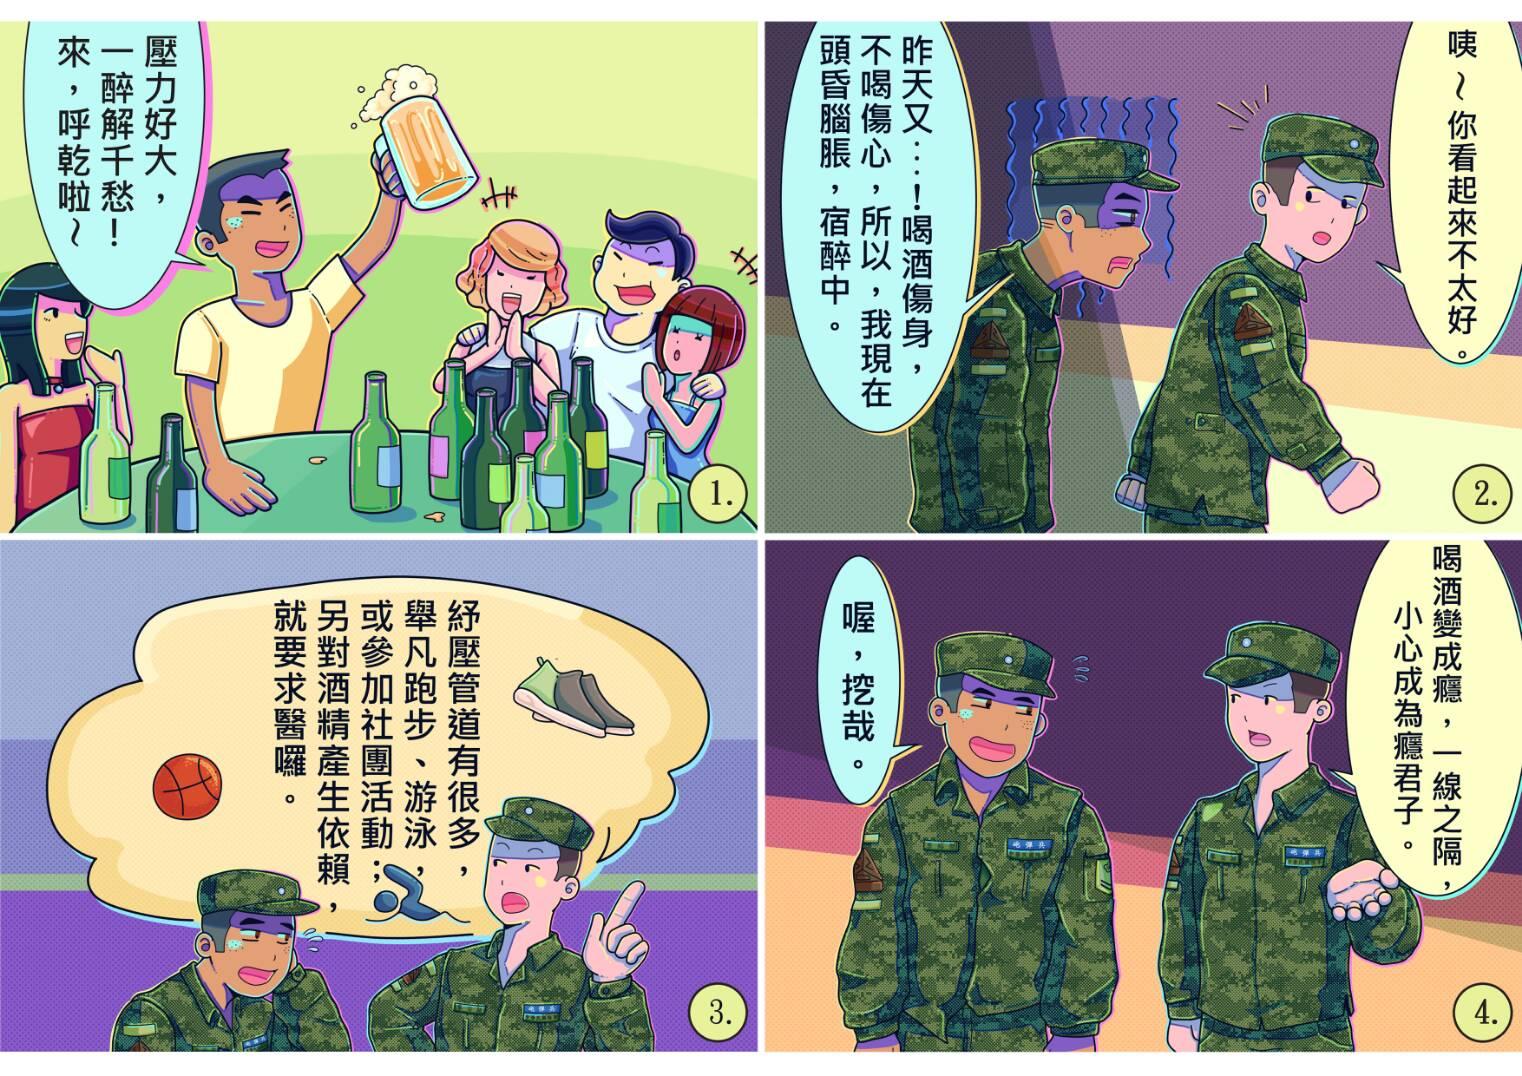 行為偏差-嗜酒成性:拒當癮君子(鍾易達繪製).jpg